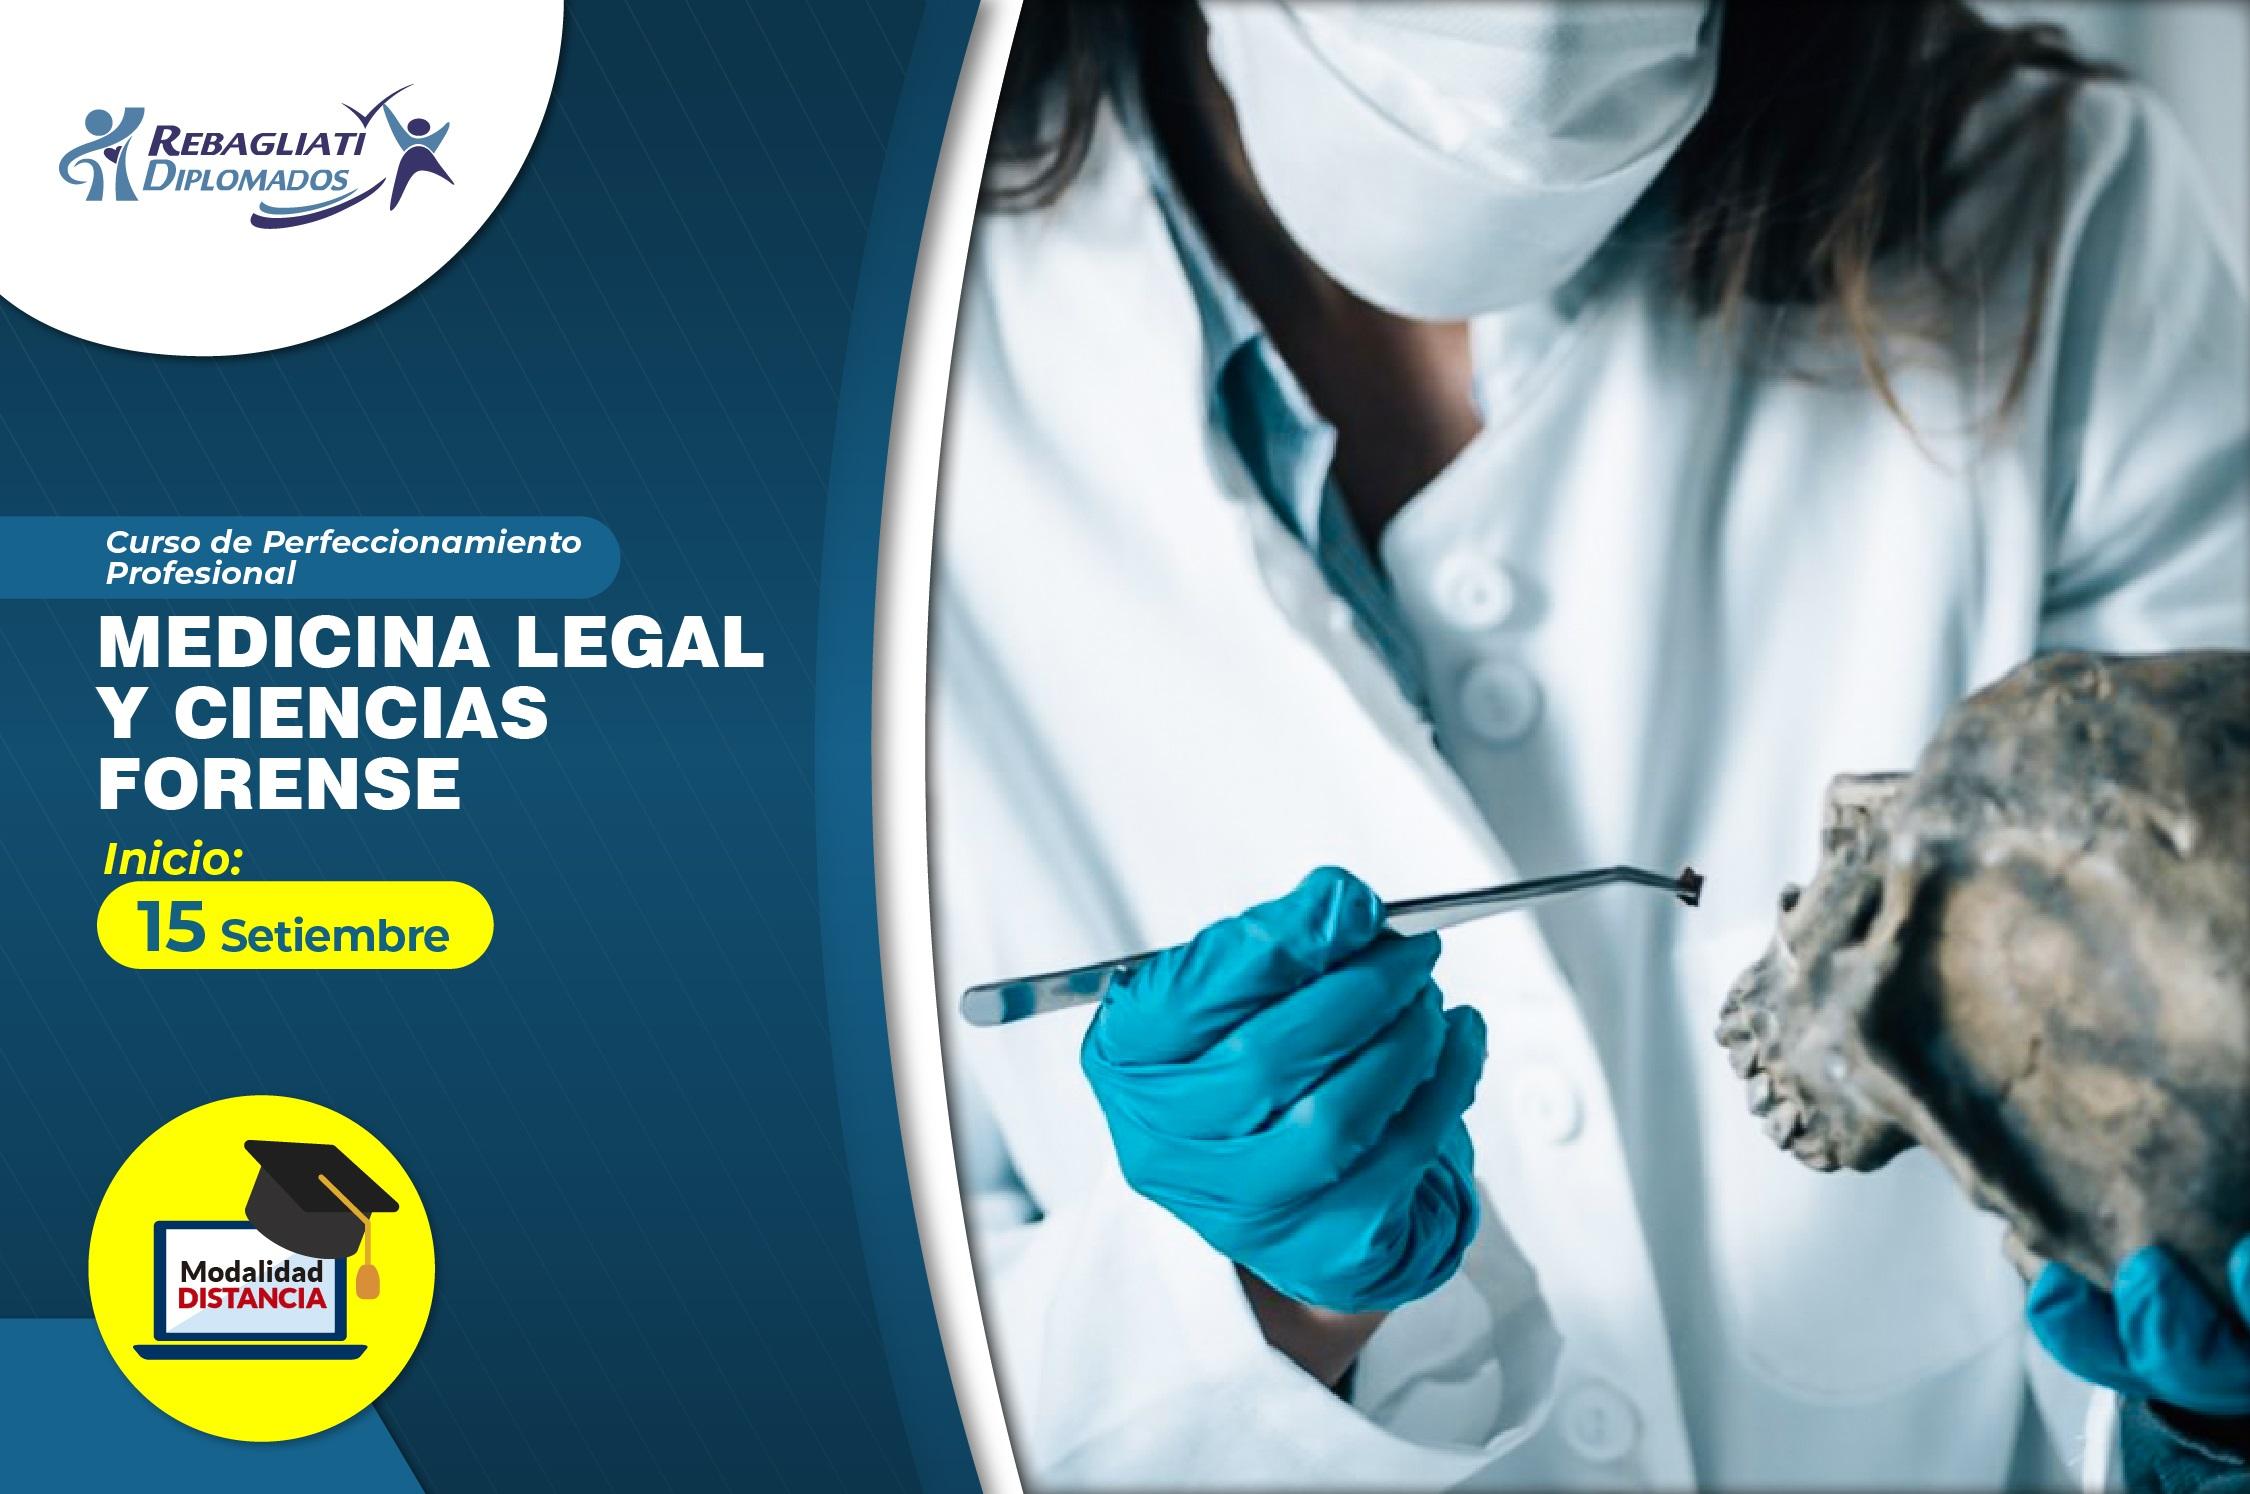 CURSO DE PERFECCIONAMIENTO PROFESIONAL  ''MEDICINA LEGAL Y CIENCIAS FORENSE'' SEPTIEMBRE 2021